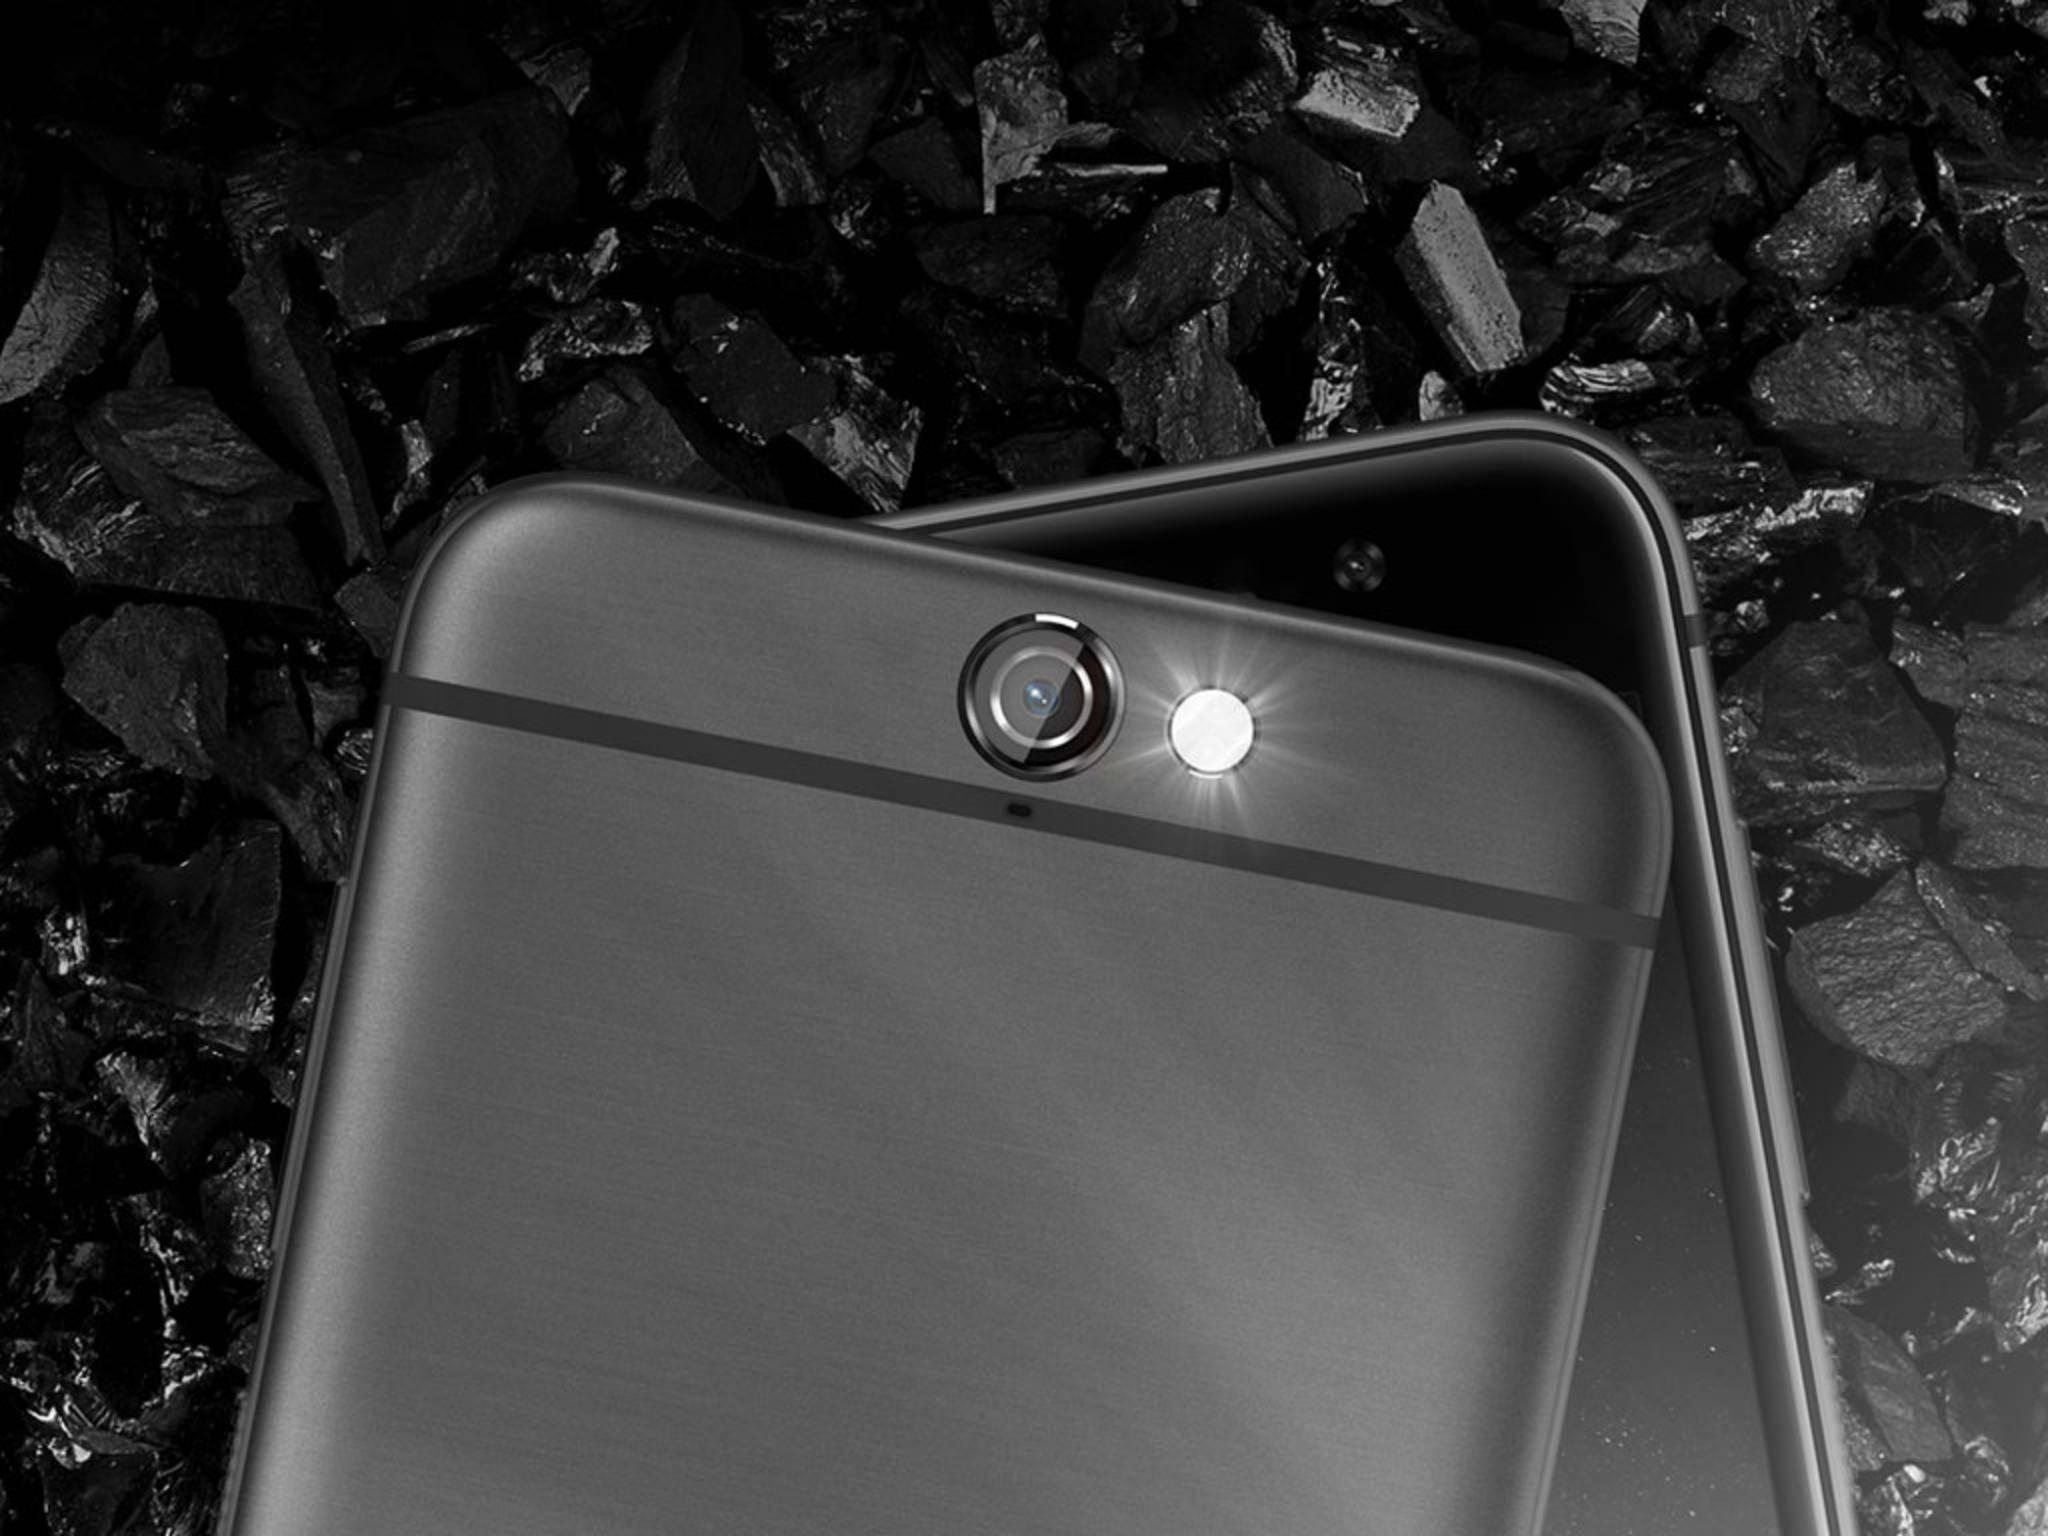 Das HTC One X9 wird wohl Anfang 2016 erscheinen.